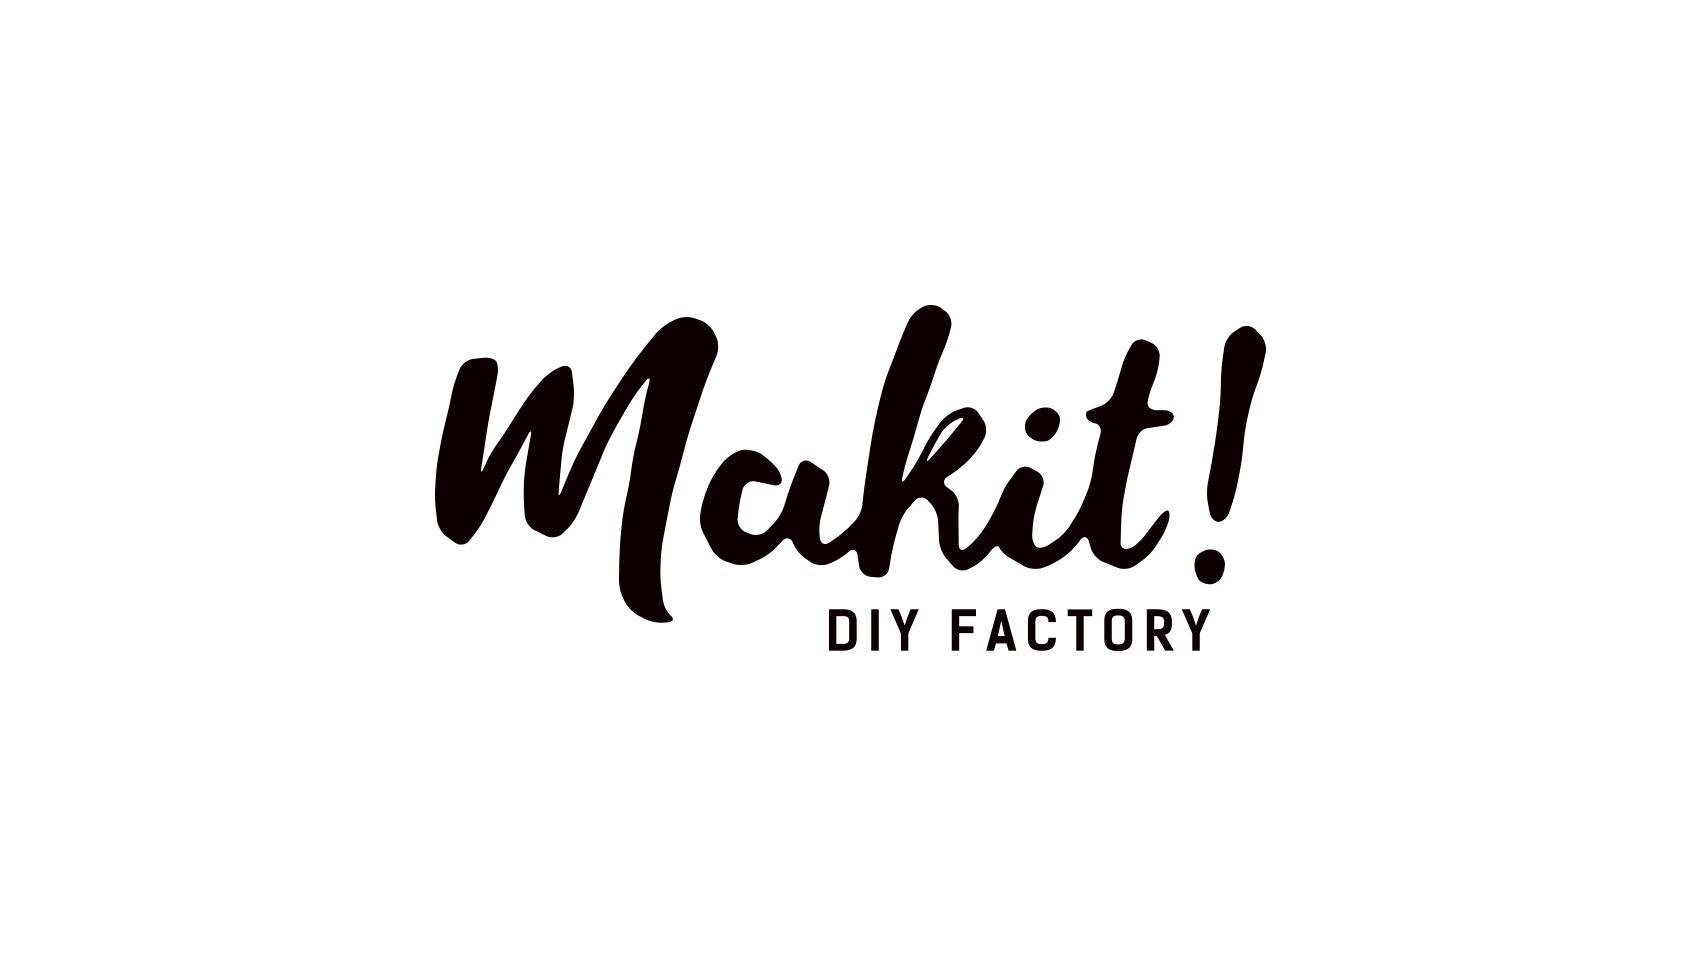 暮らしのwebメディアサイト「makit!(メキット)」のロゴデザイン